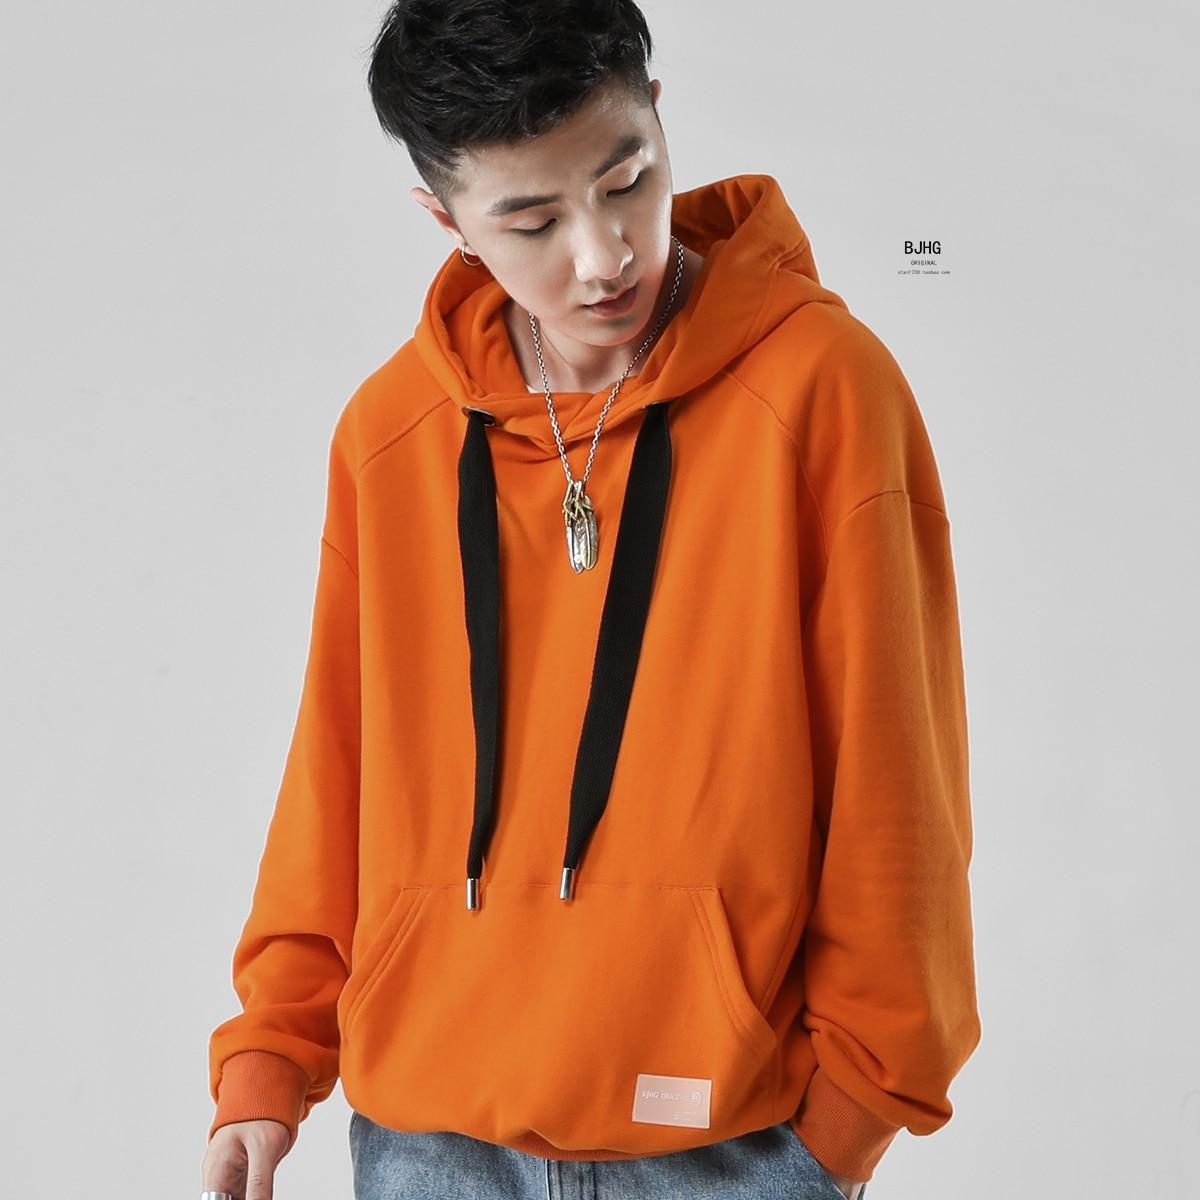 Hip Estilo blanco Fleece Sudaderas Japón verde Hop Invierno Hoodies Orange Casual rojo Militar negro Japonés púrpura Streetwear ASXIawqA